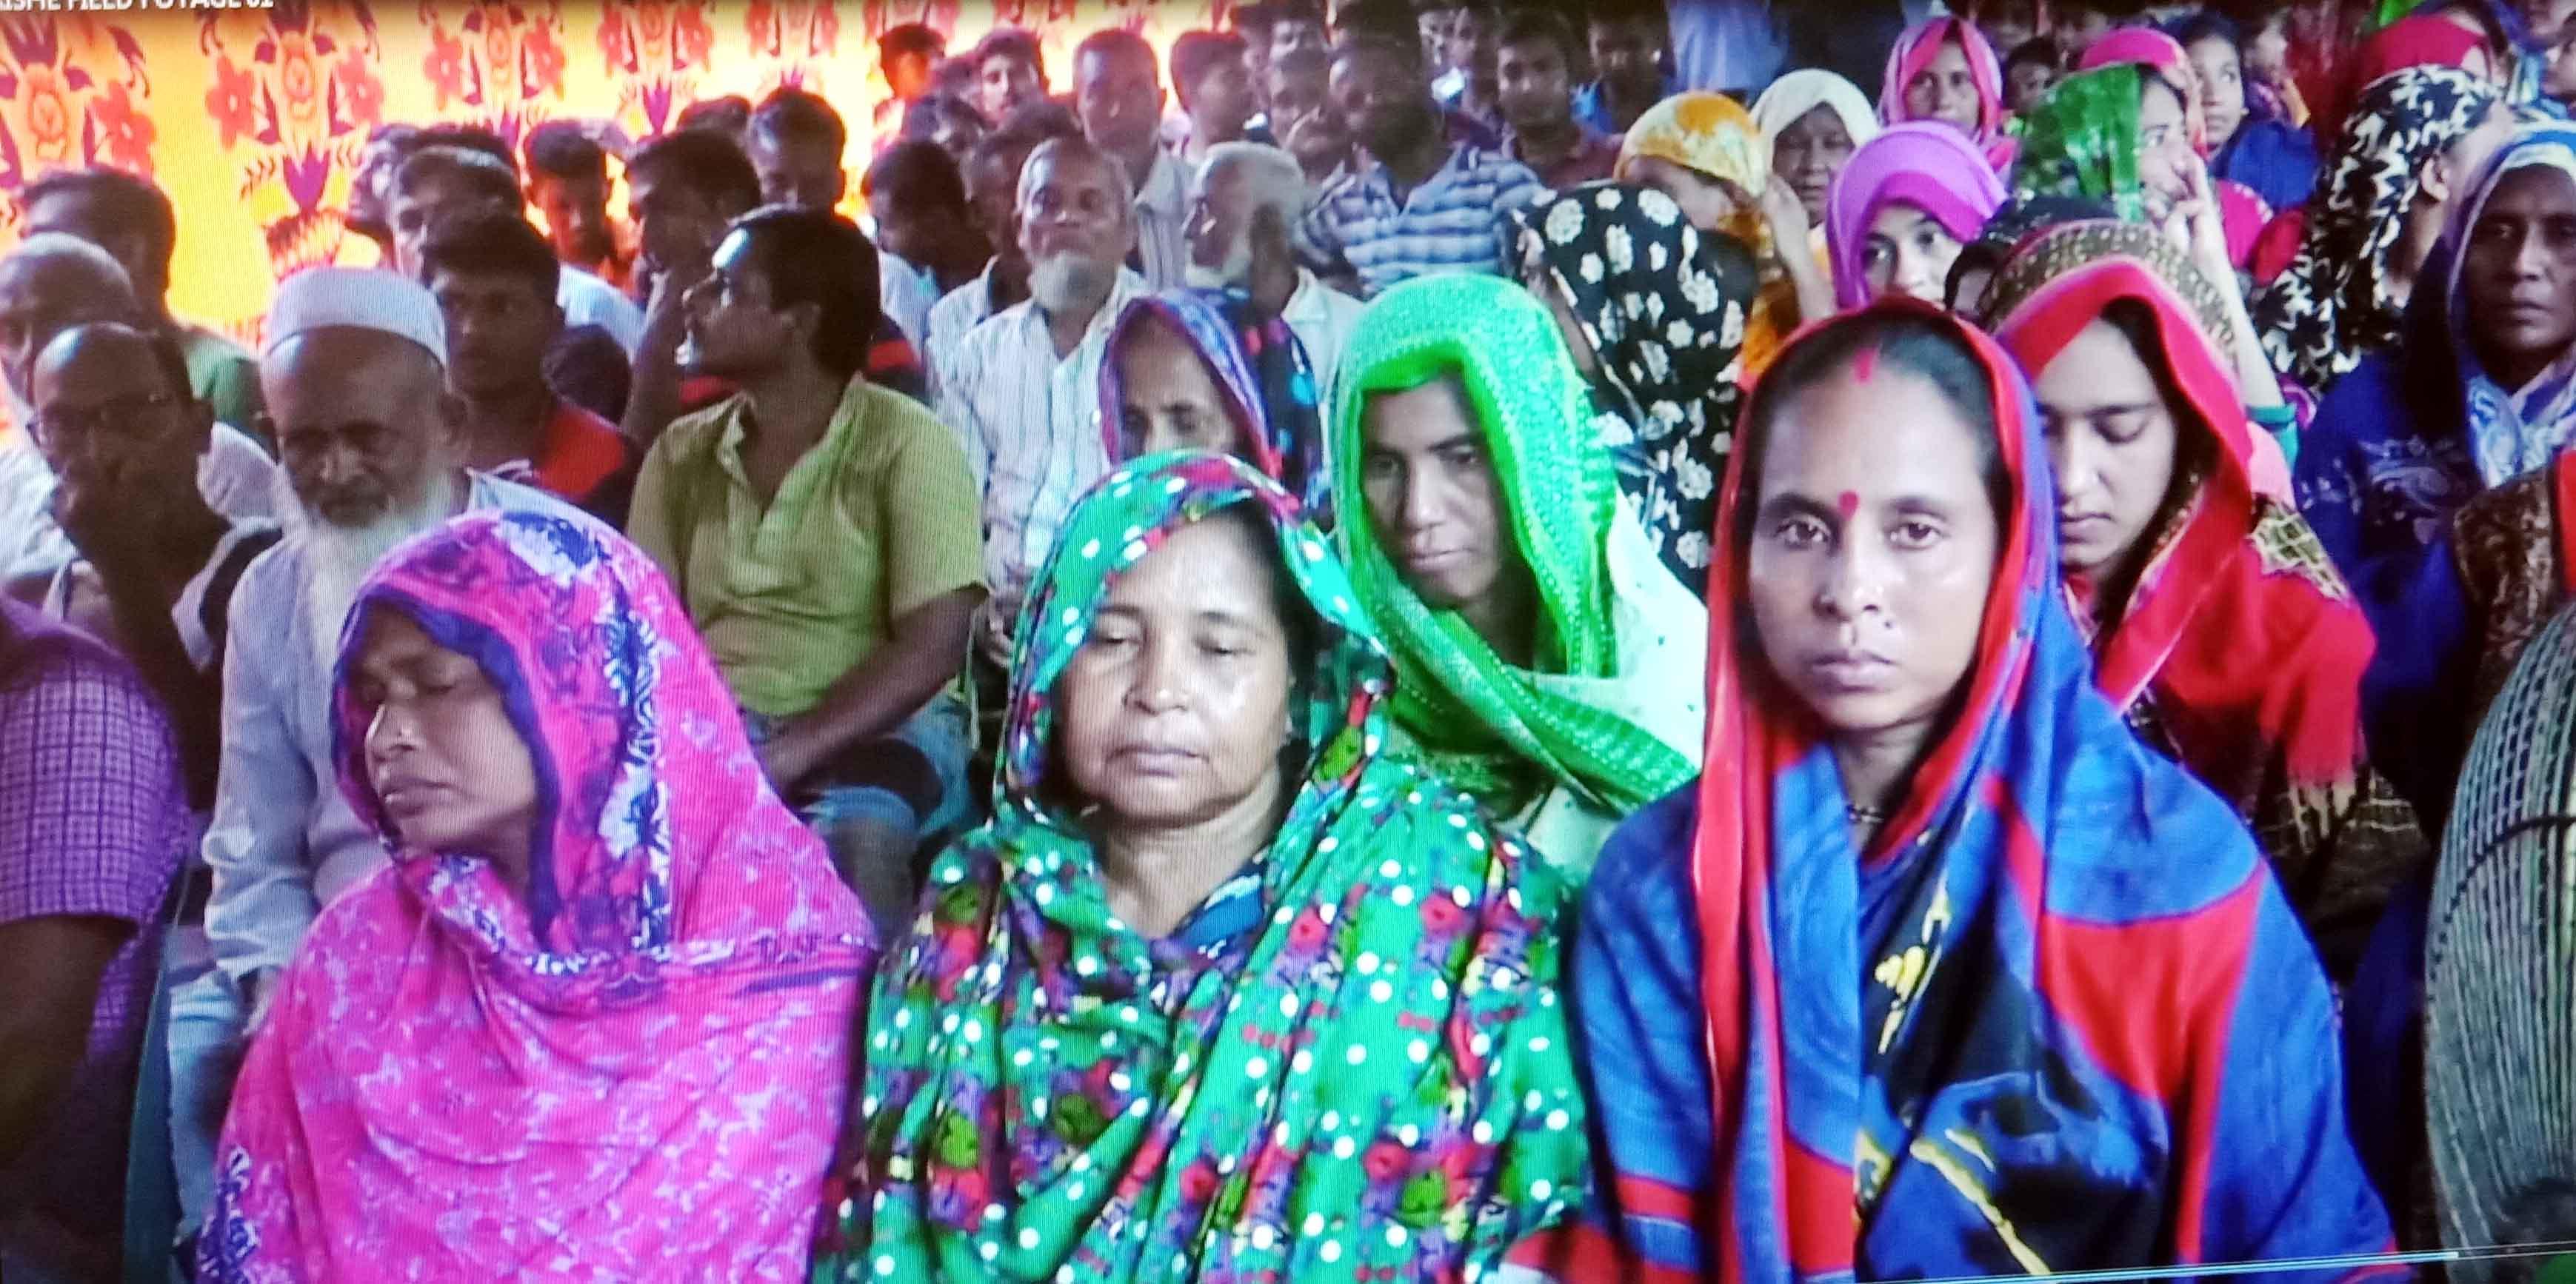 যশোরের শার্শায় গৃহবধু ধর্ষণ: সরেজমিনে কেন্দ্রীয় বিএনপির ১০ সদস্যের প্রতিনিধিদল